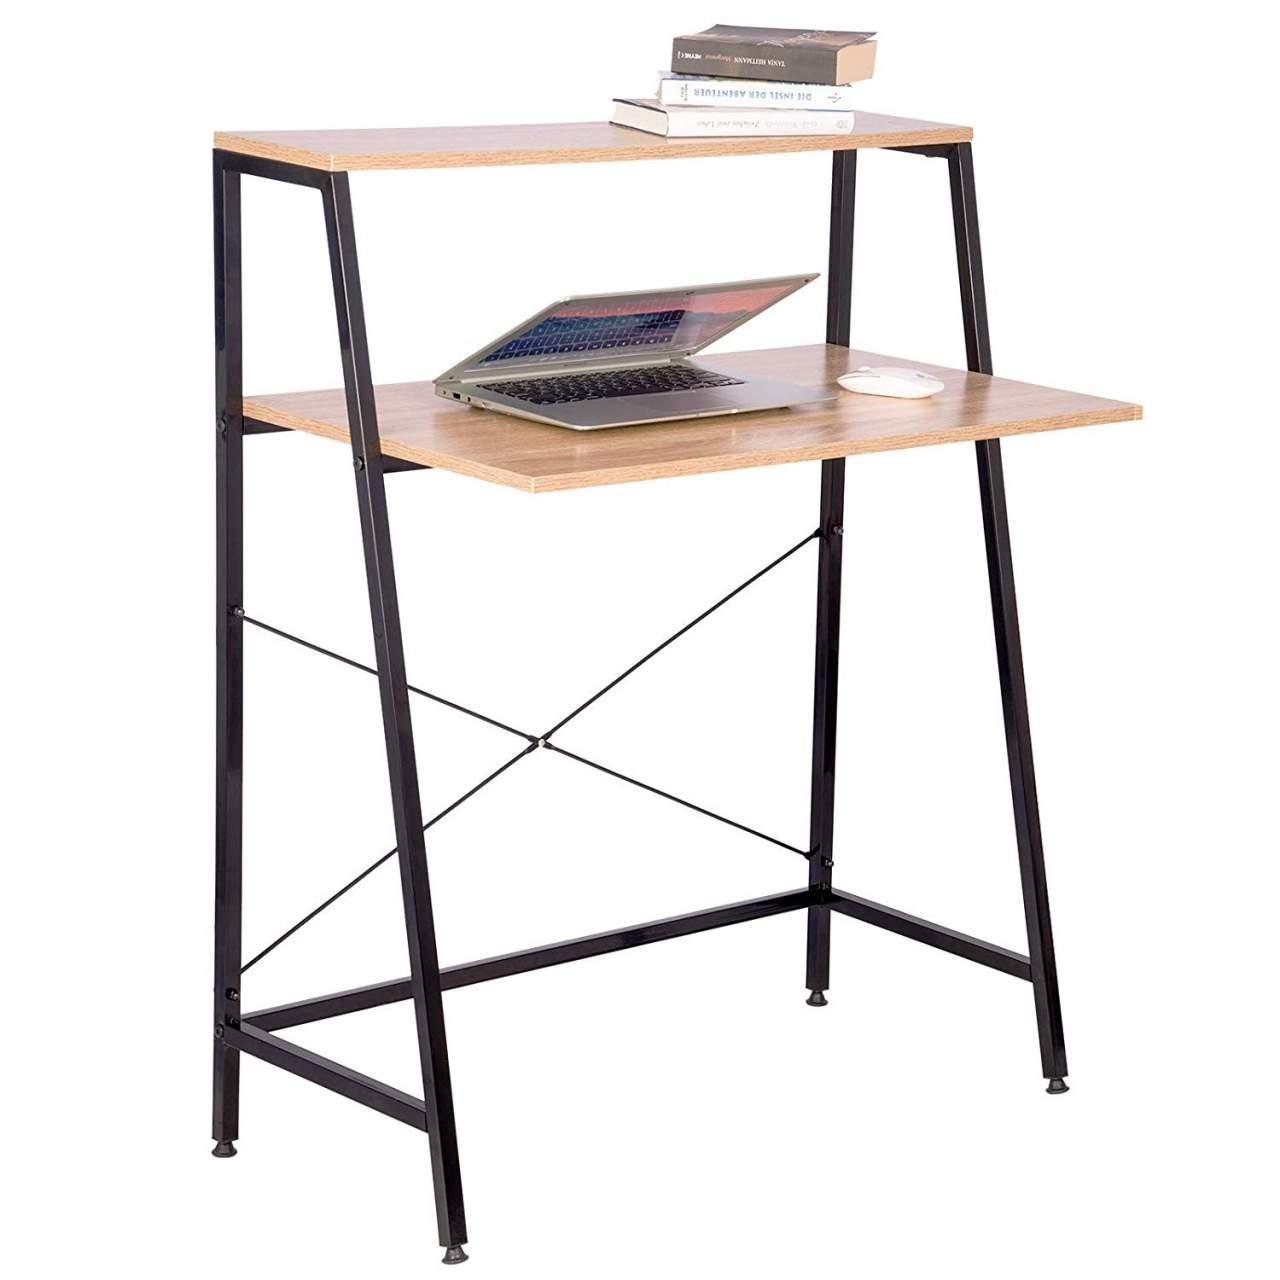 - PC Table With Shelf In Light Oak Woltu.eu